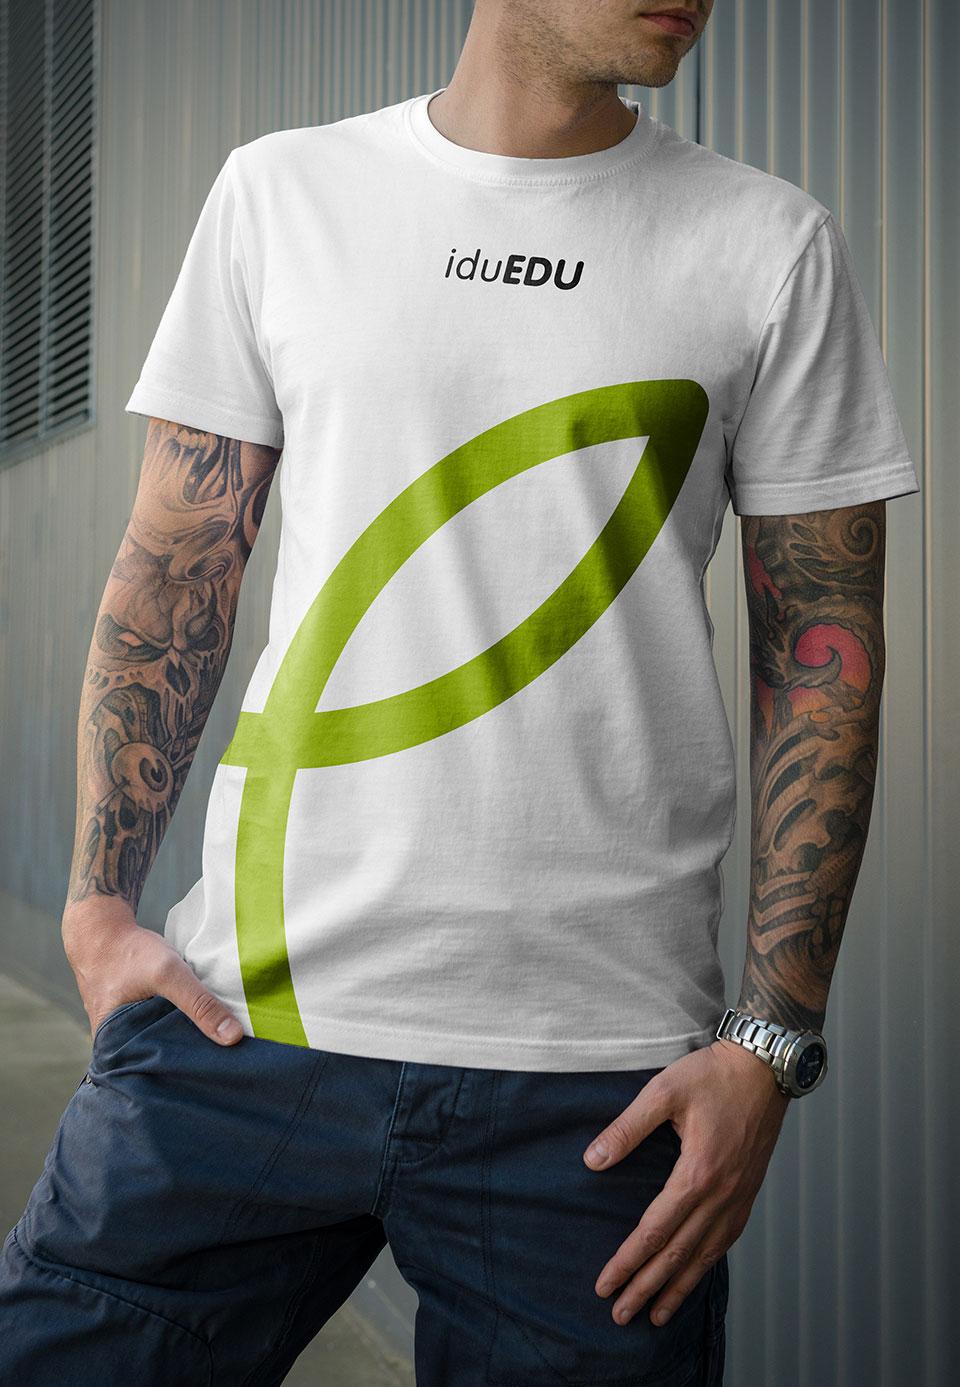 iduEdu-8